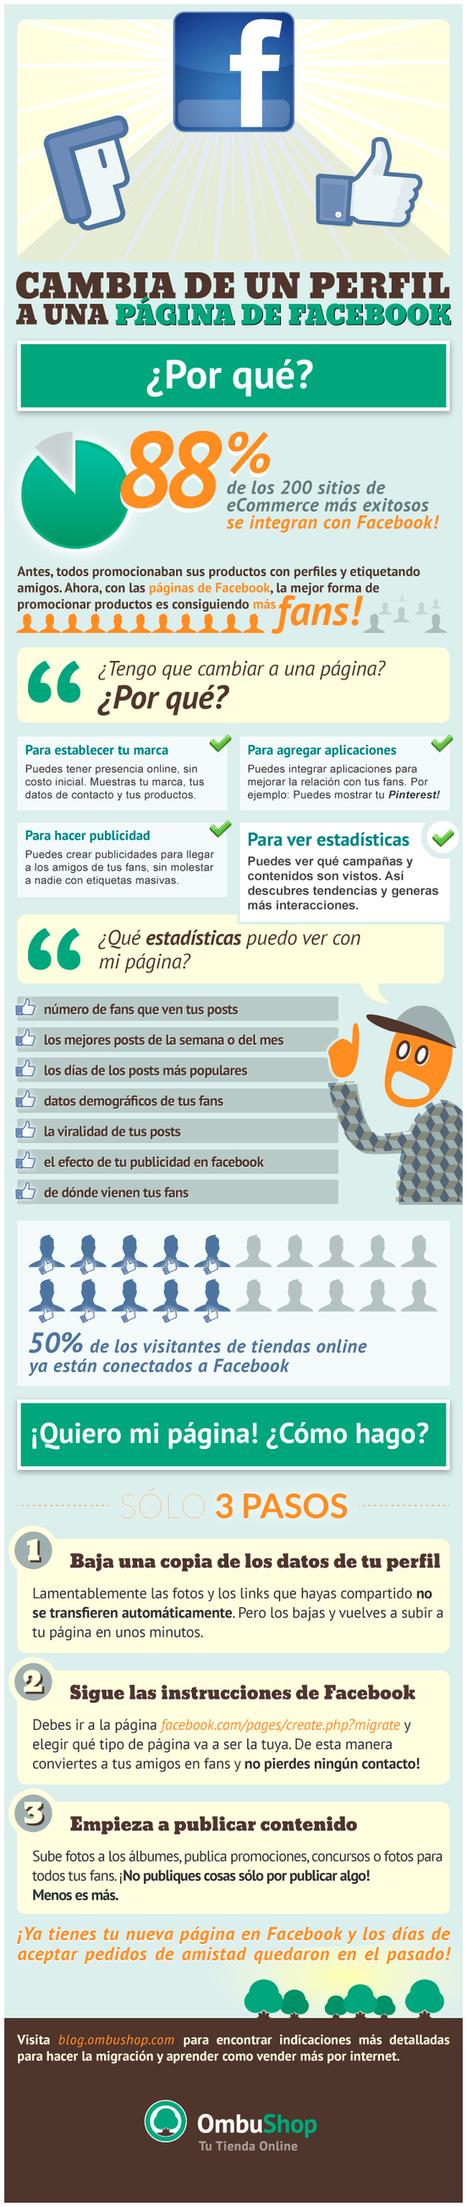 Cómo potenciar tu negocio por Facebook – Infografía | Hospitality,Tourism, Marketing and more | Scoop.it